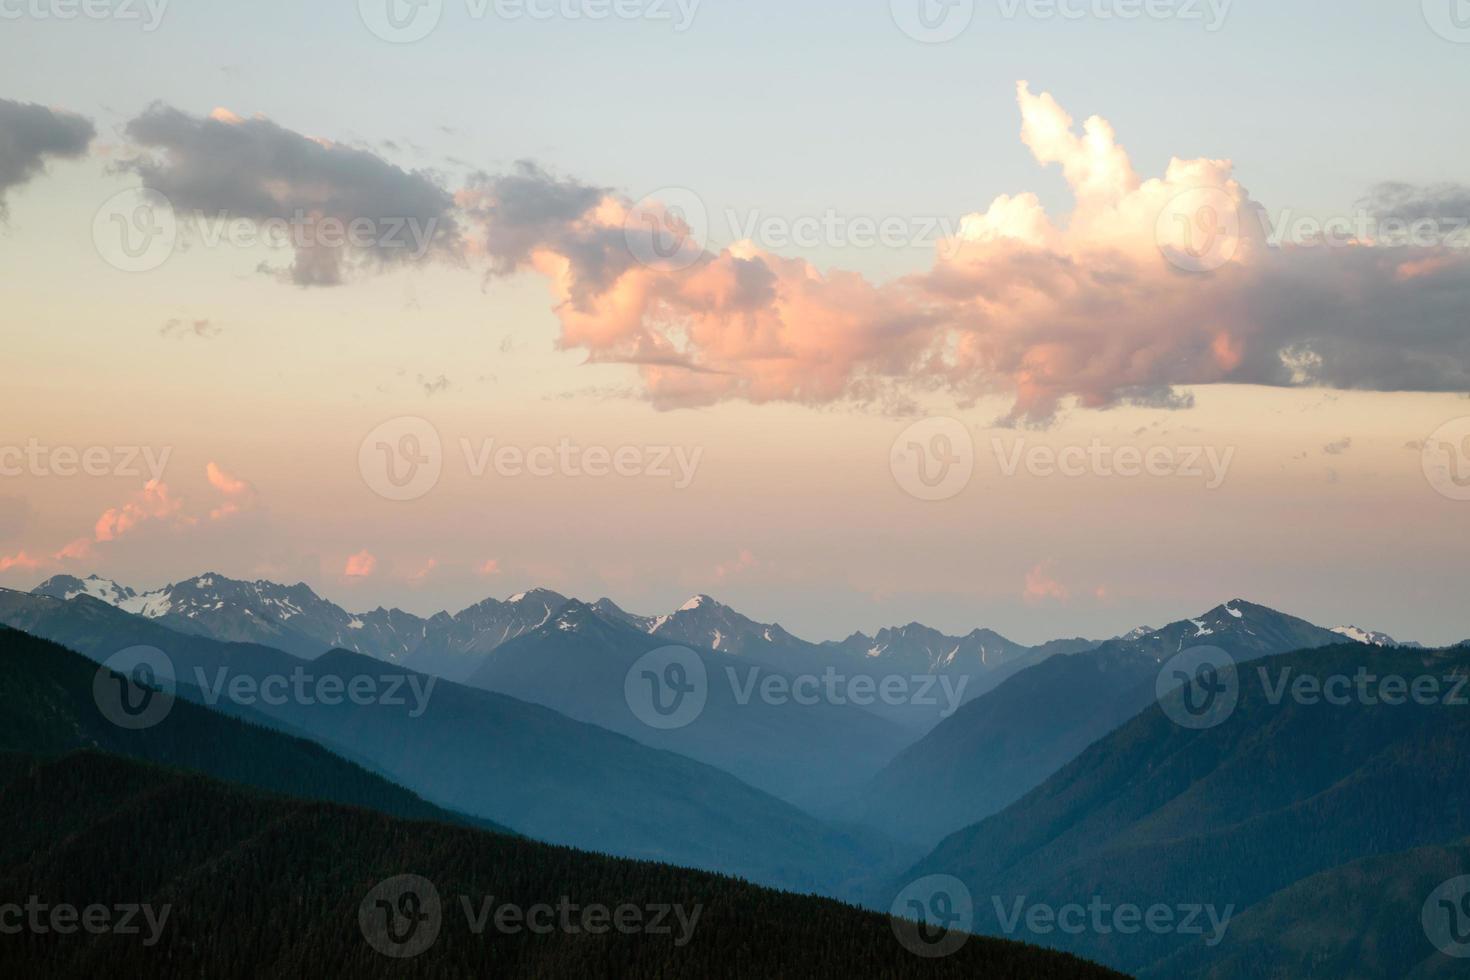 dramatische hemel cloudscape over orkaanrug olympische bergen foto